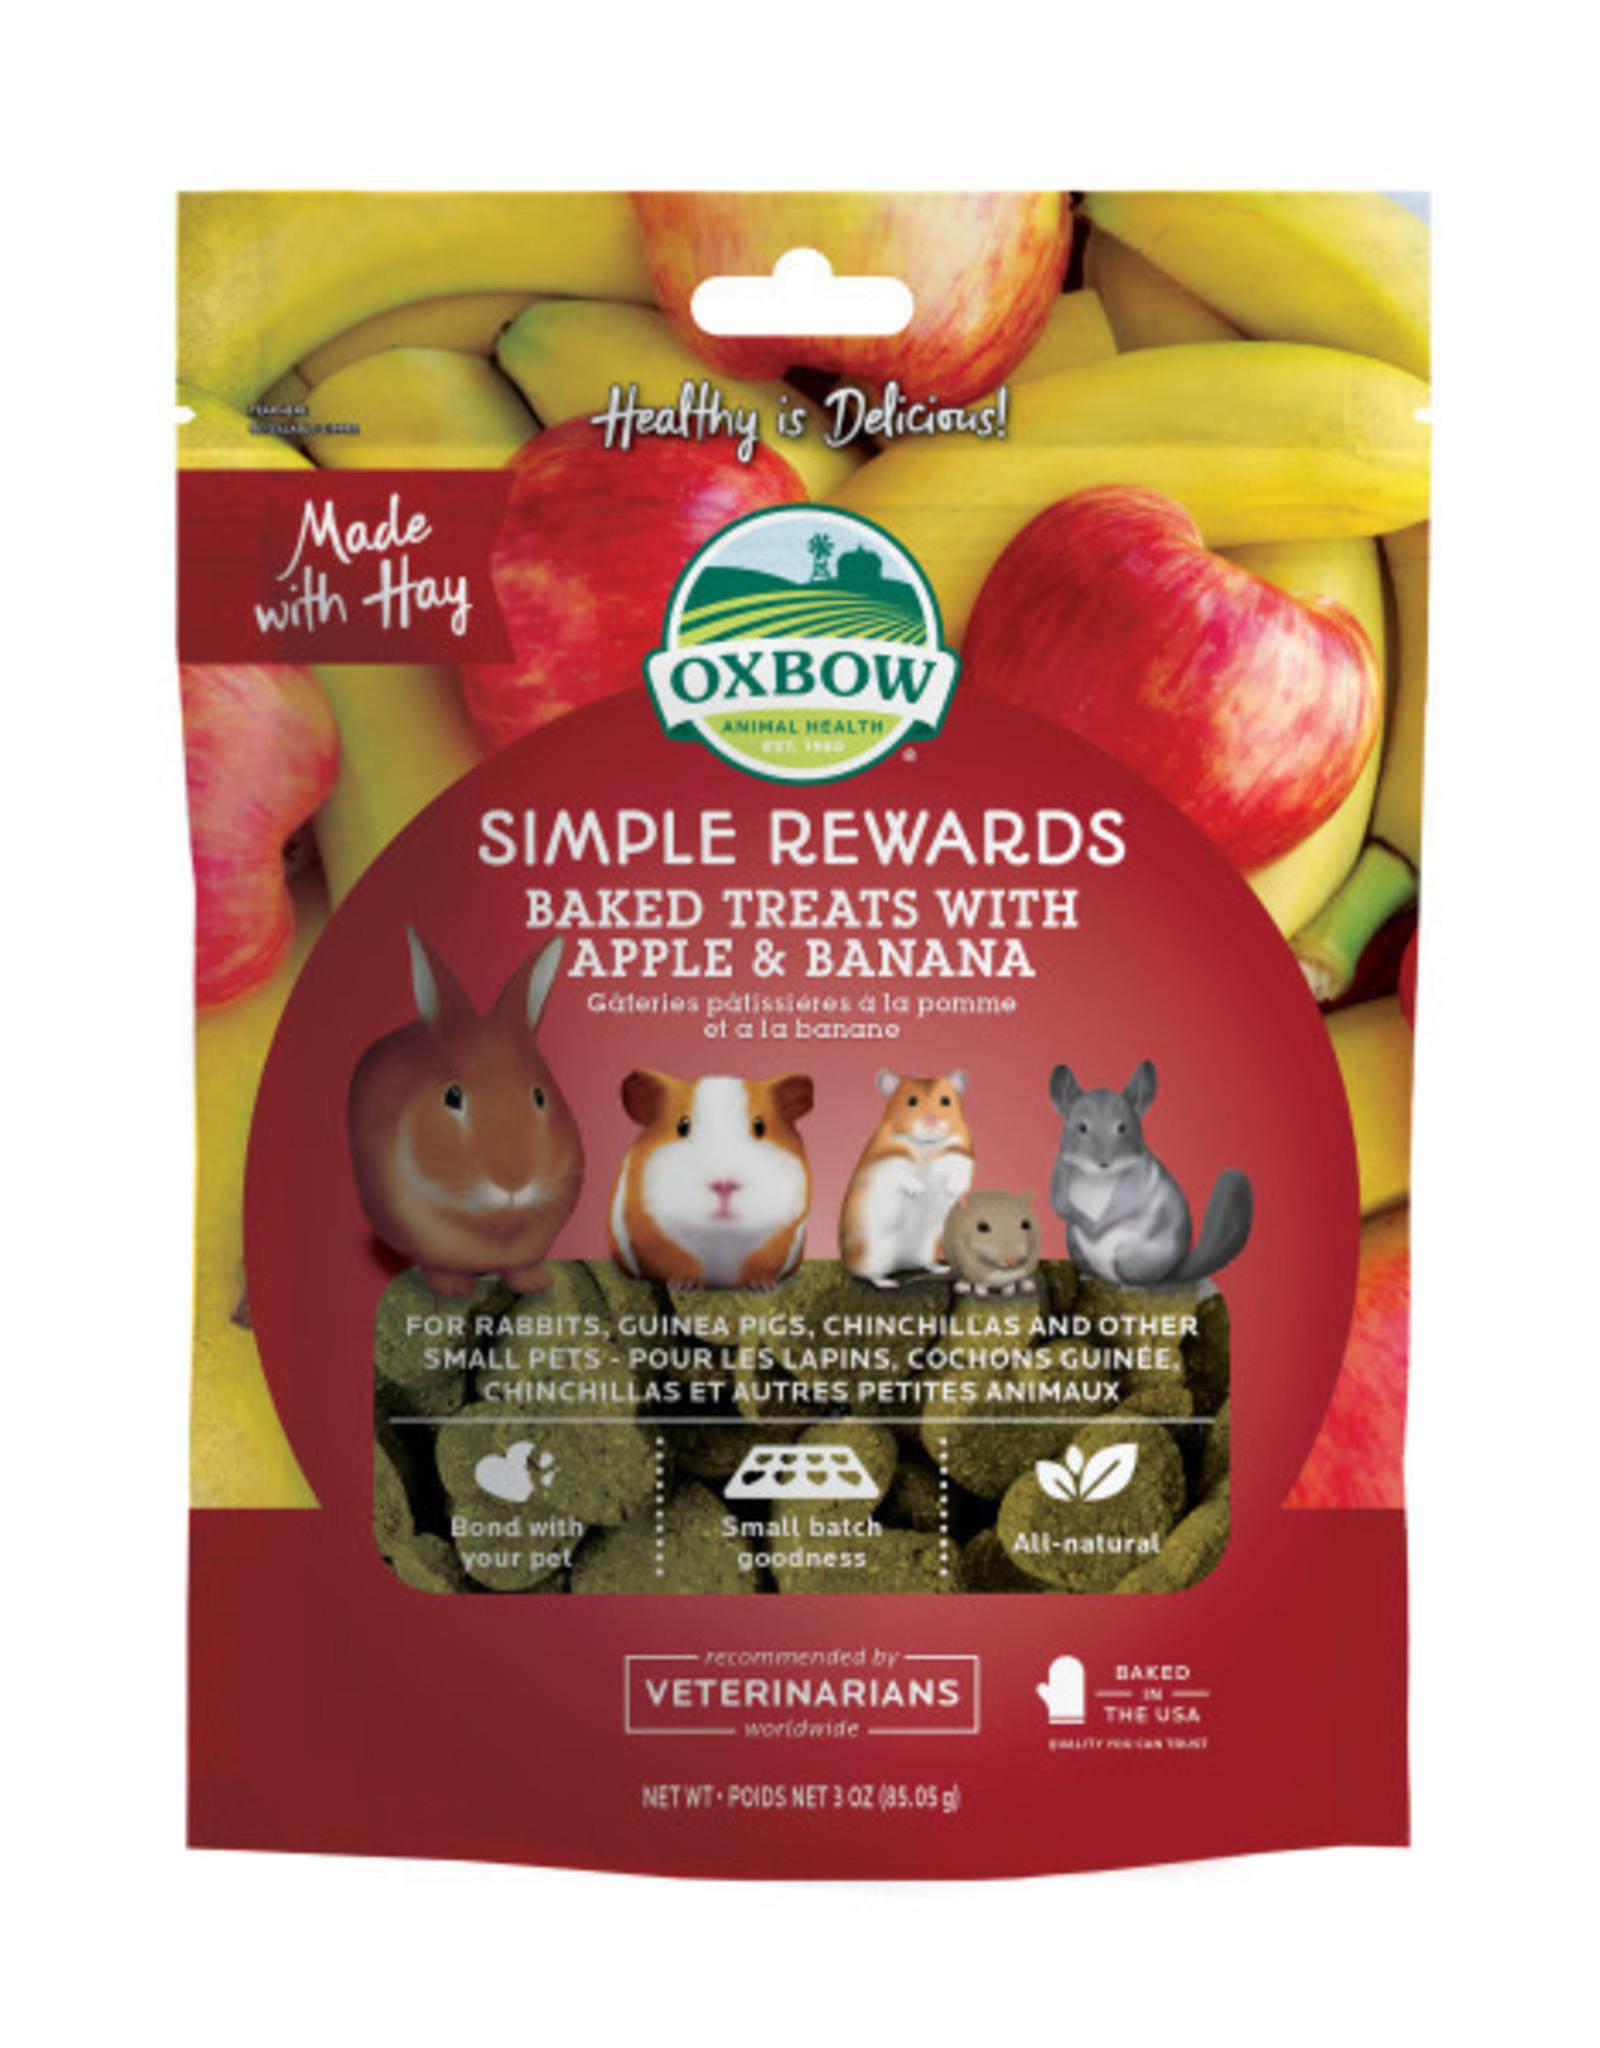 Oxbow Apple Banana Baked Treats